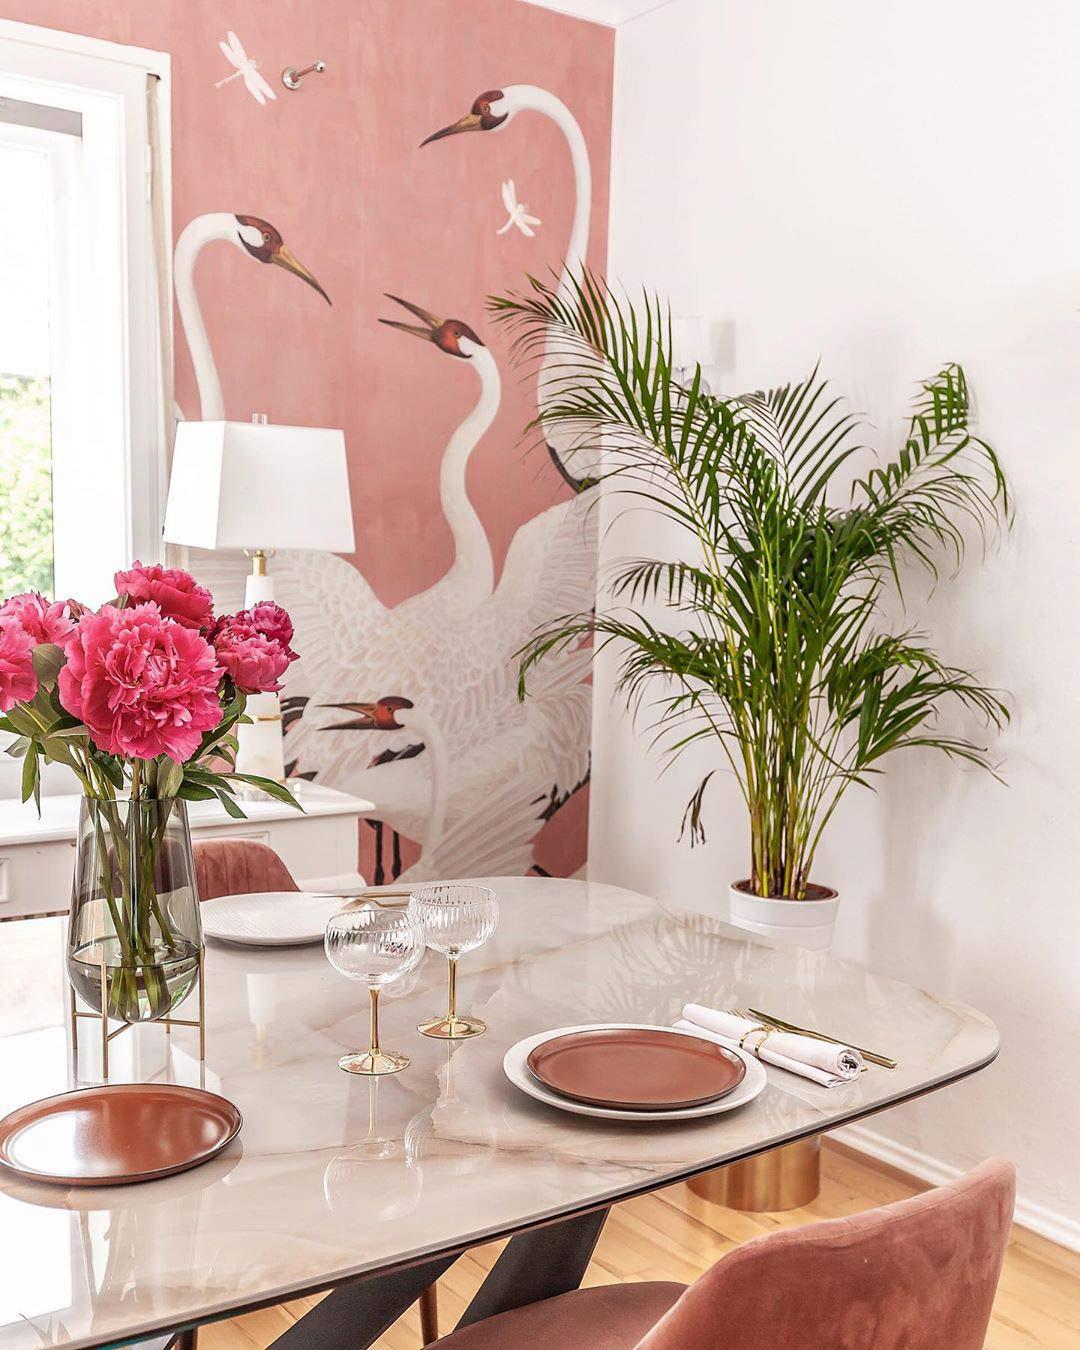 wallpaper-gucci-heron-serax-tableware